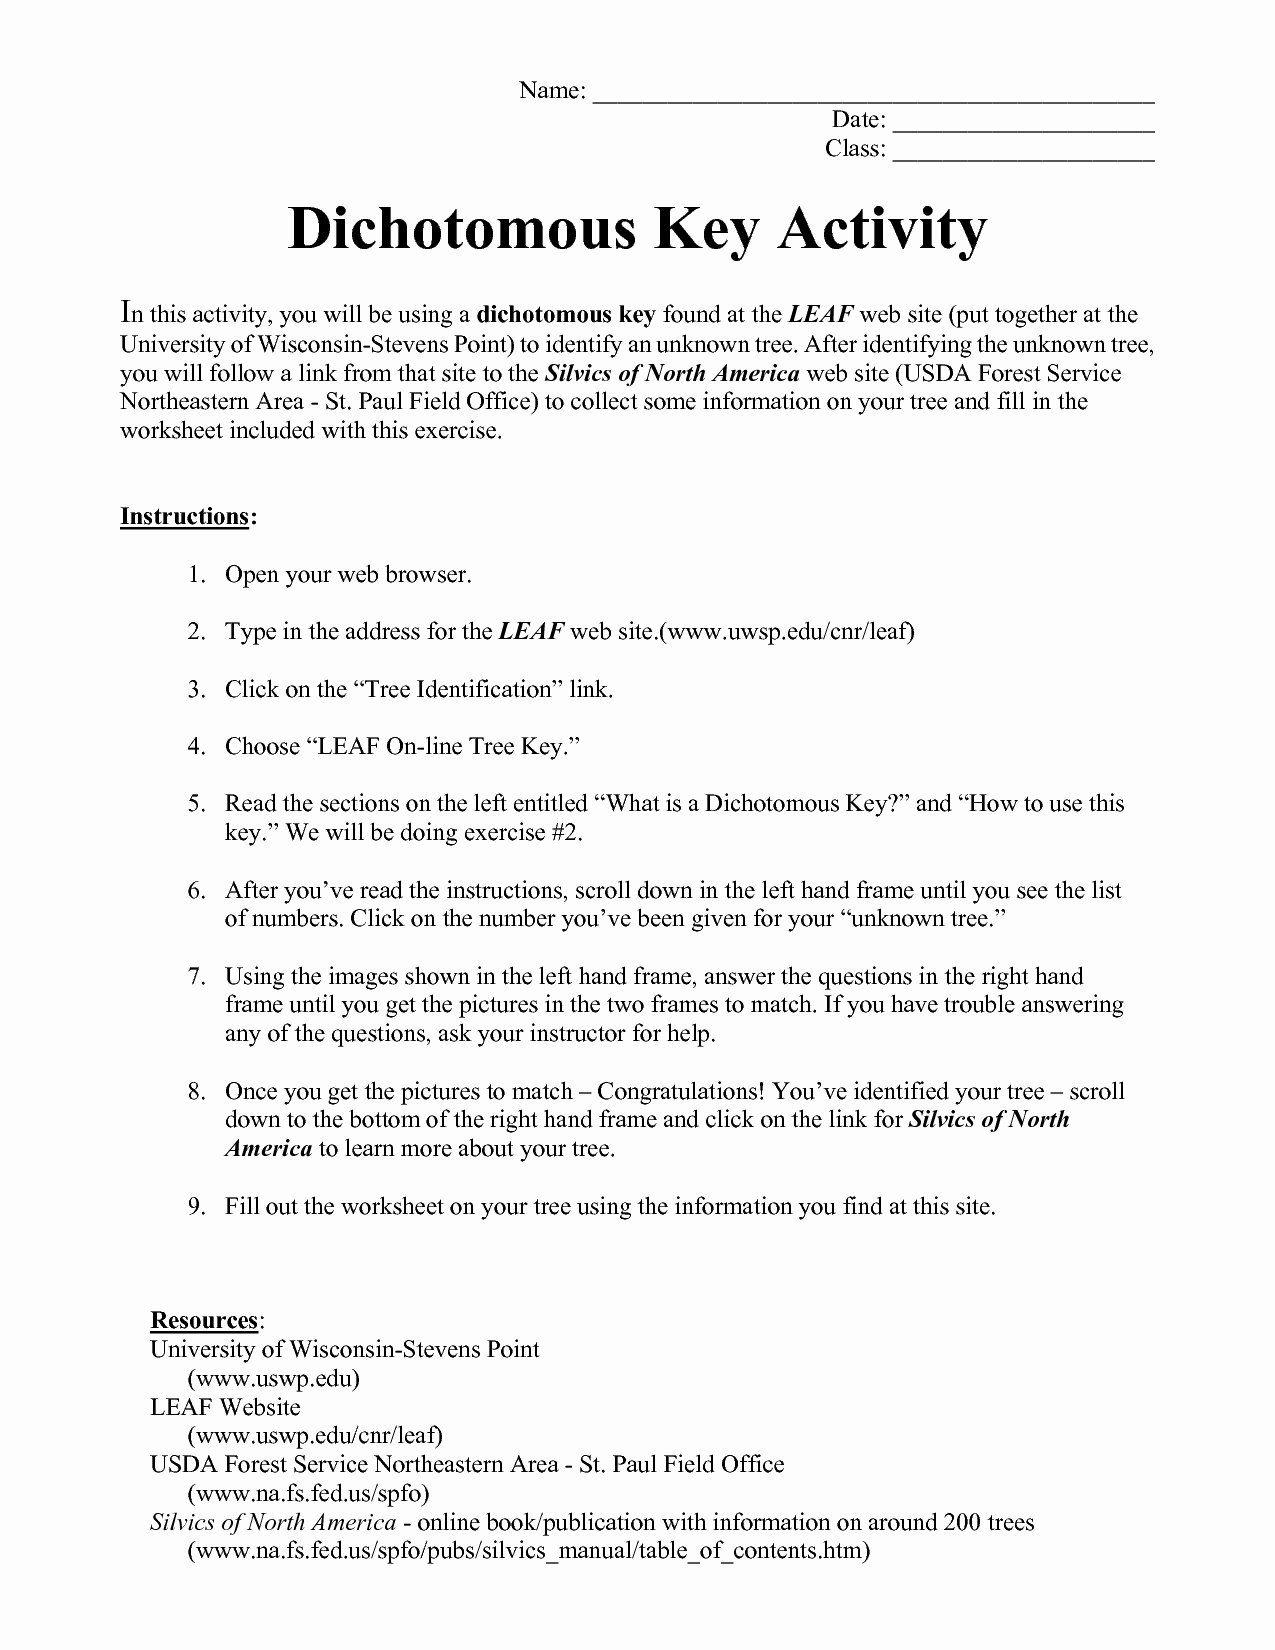 Dichotomous Key Worksheet Beautiful Dichotomous Key